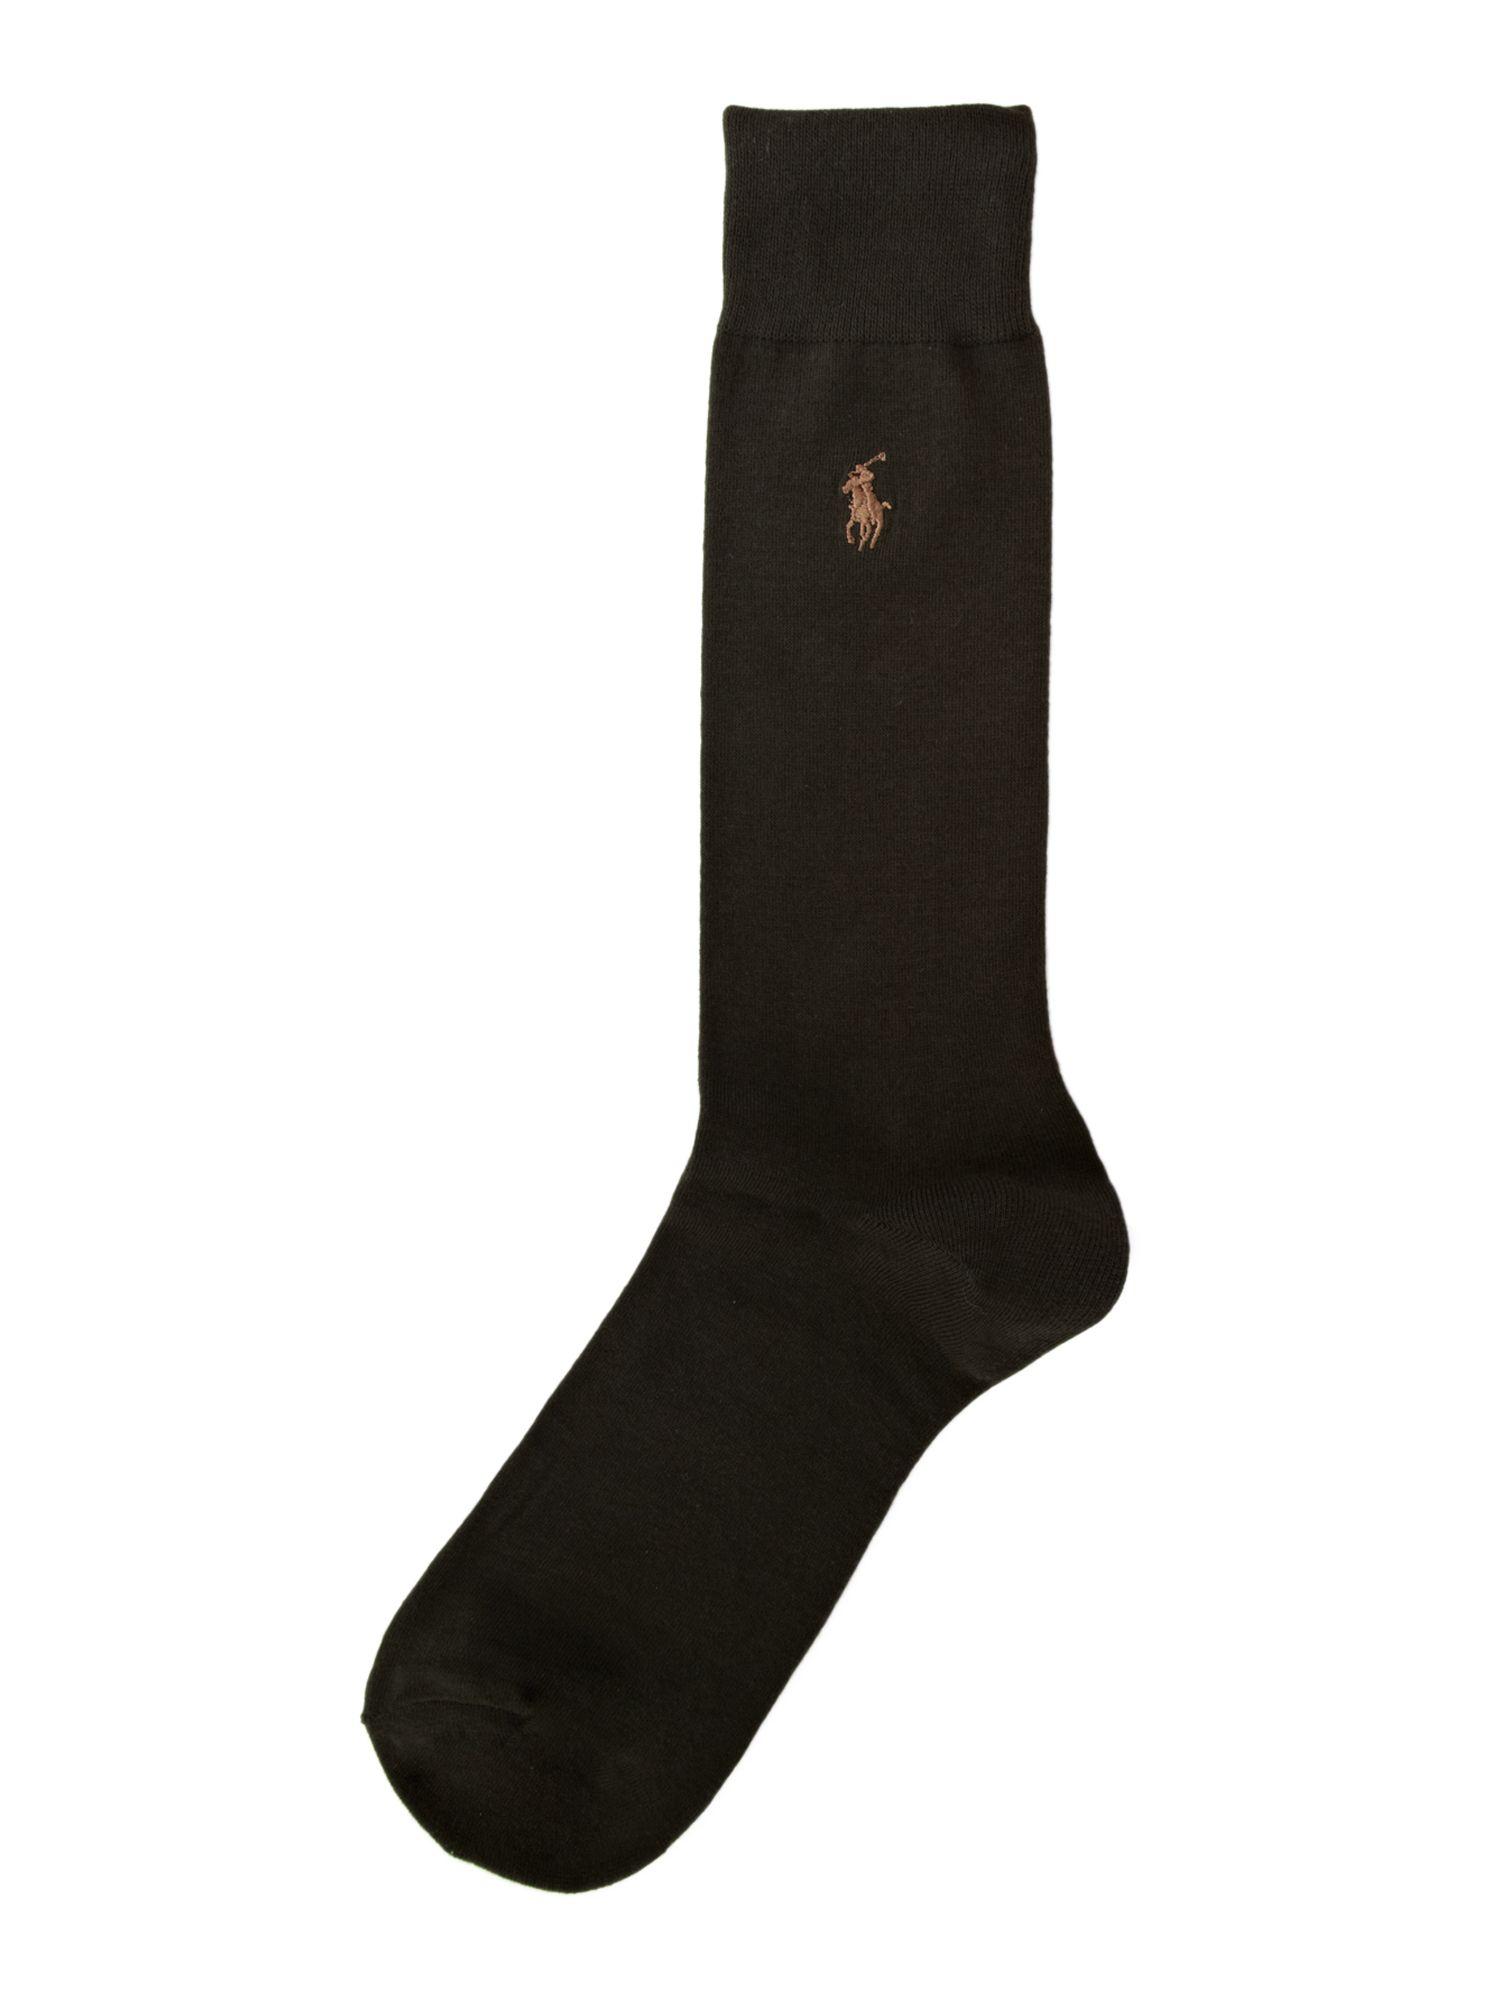 8804e81c6bd Lyst - Polo Ralph Lauren 2 Pack Argyle Sock in Purple for Men